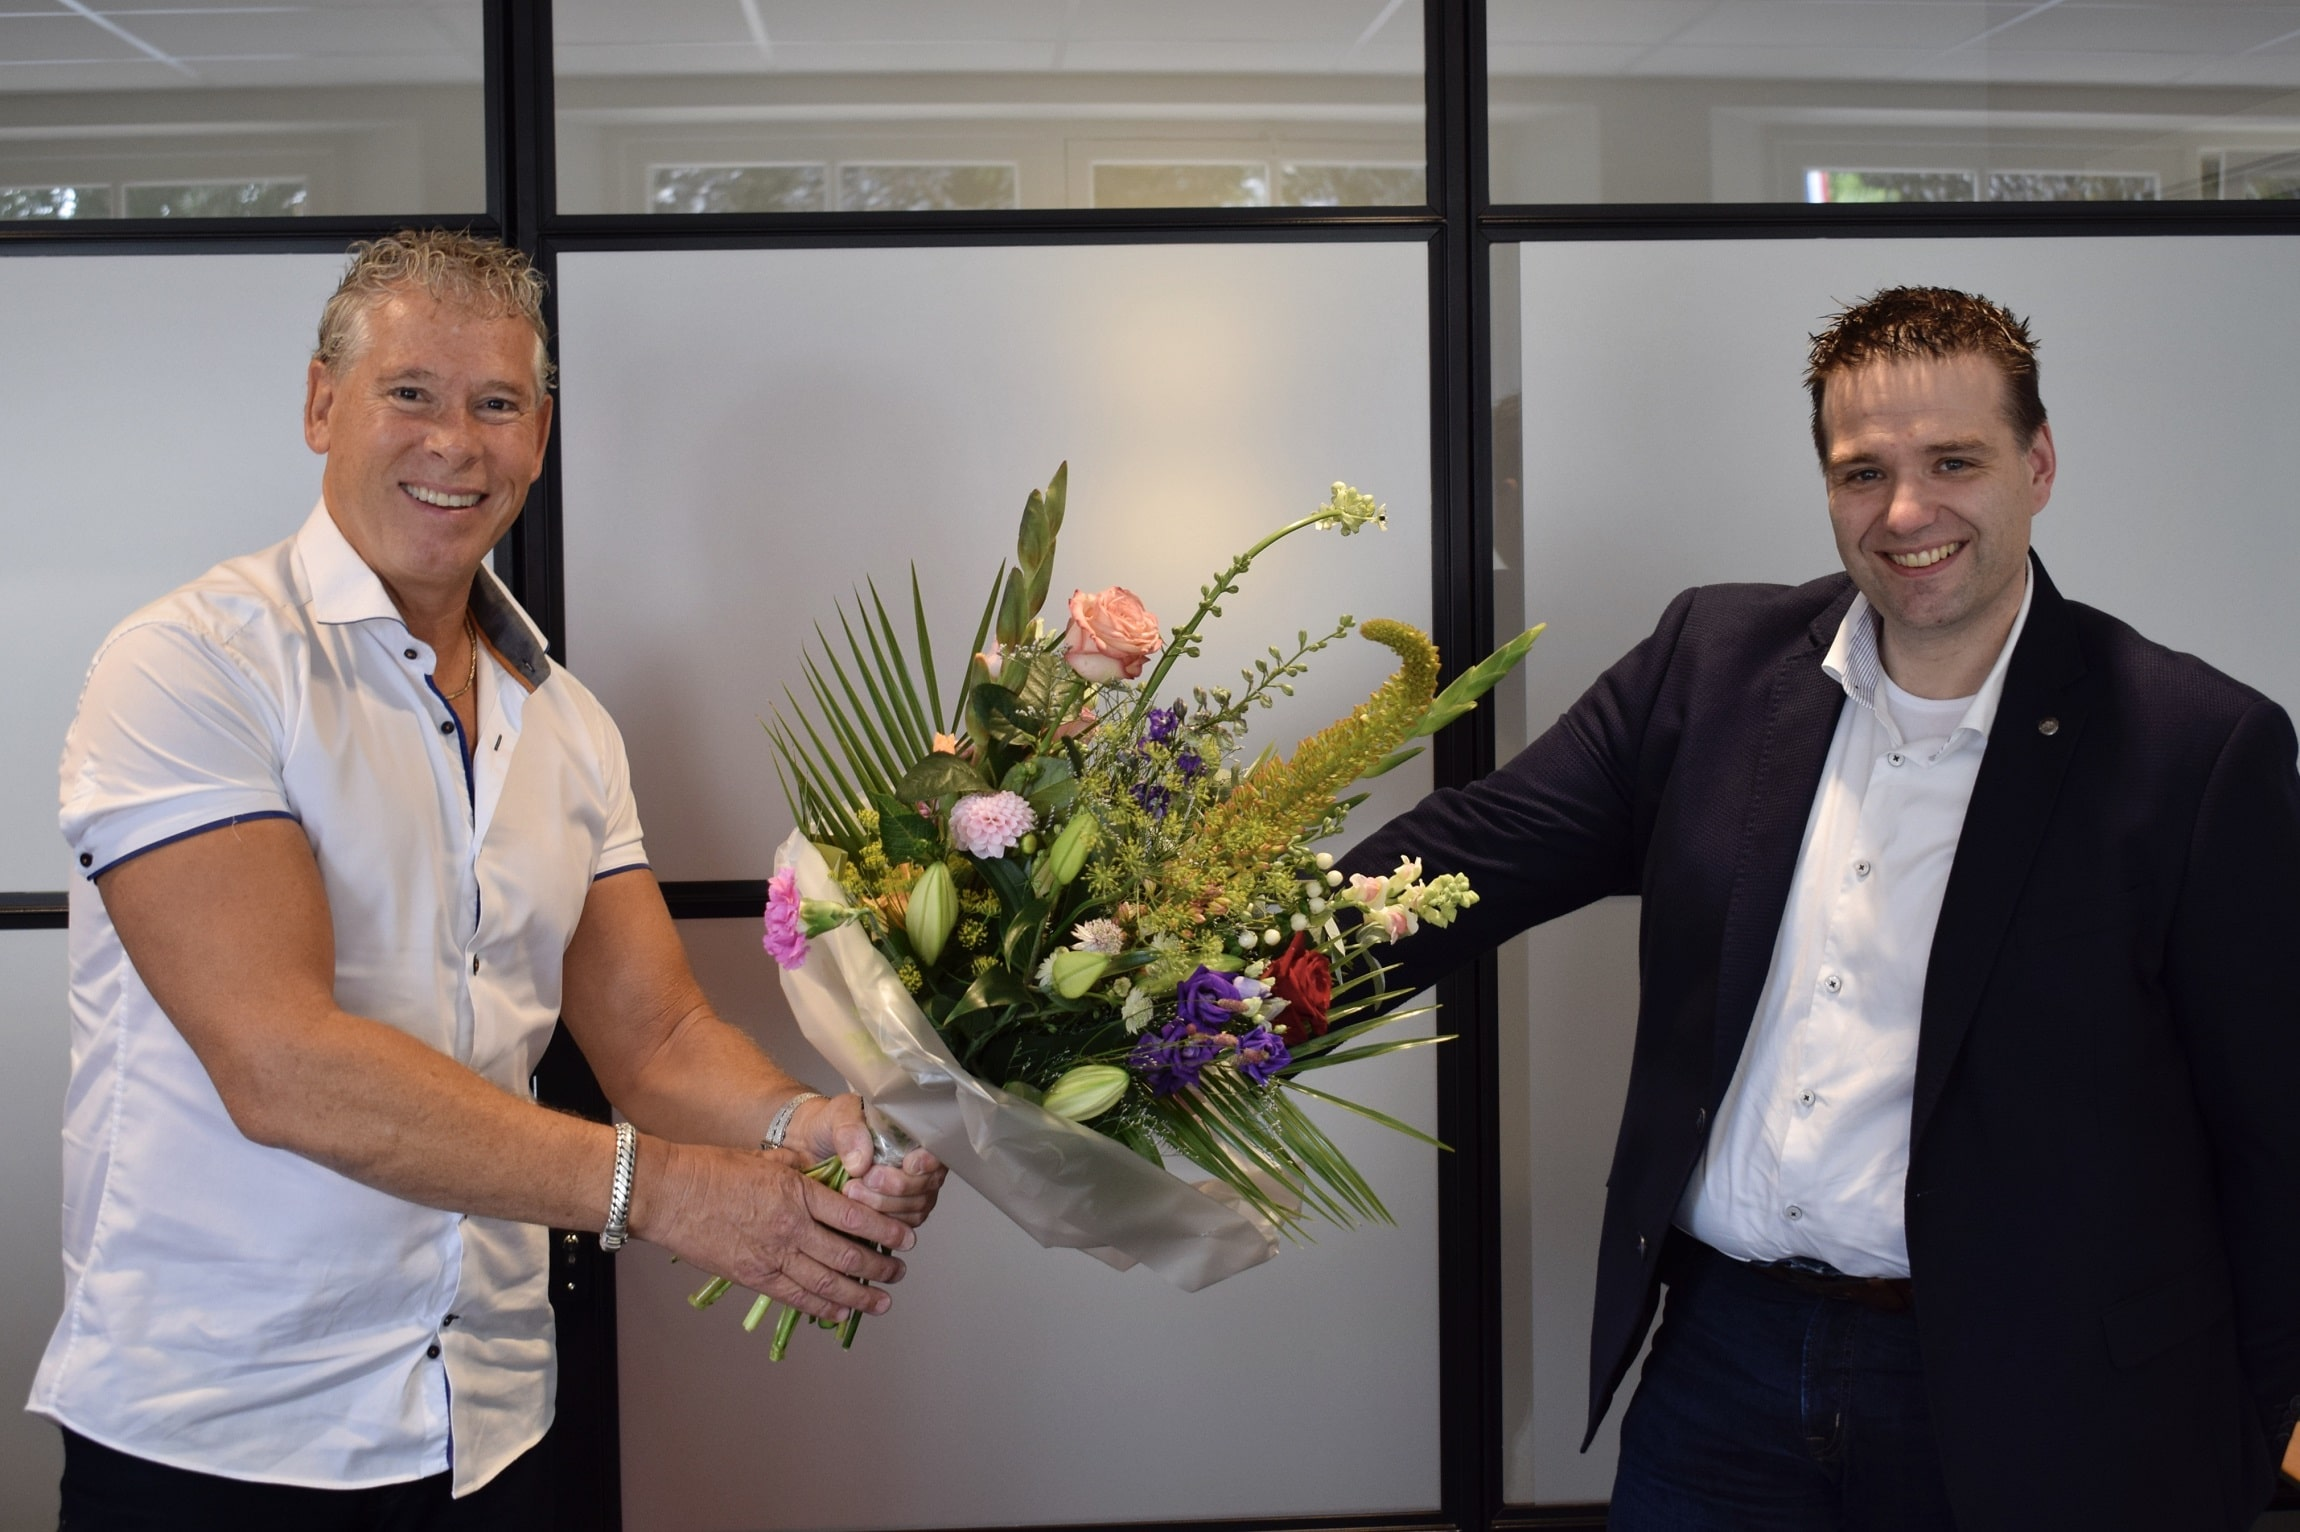 Eduard Craanen, eigenaar FlexGroup (links) en Jan van den Broek, eigenaar Workstead (rechts)